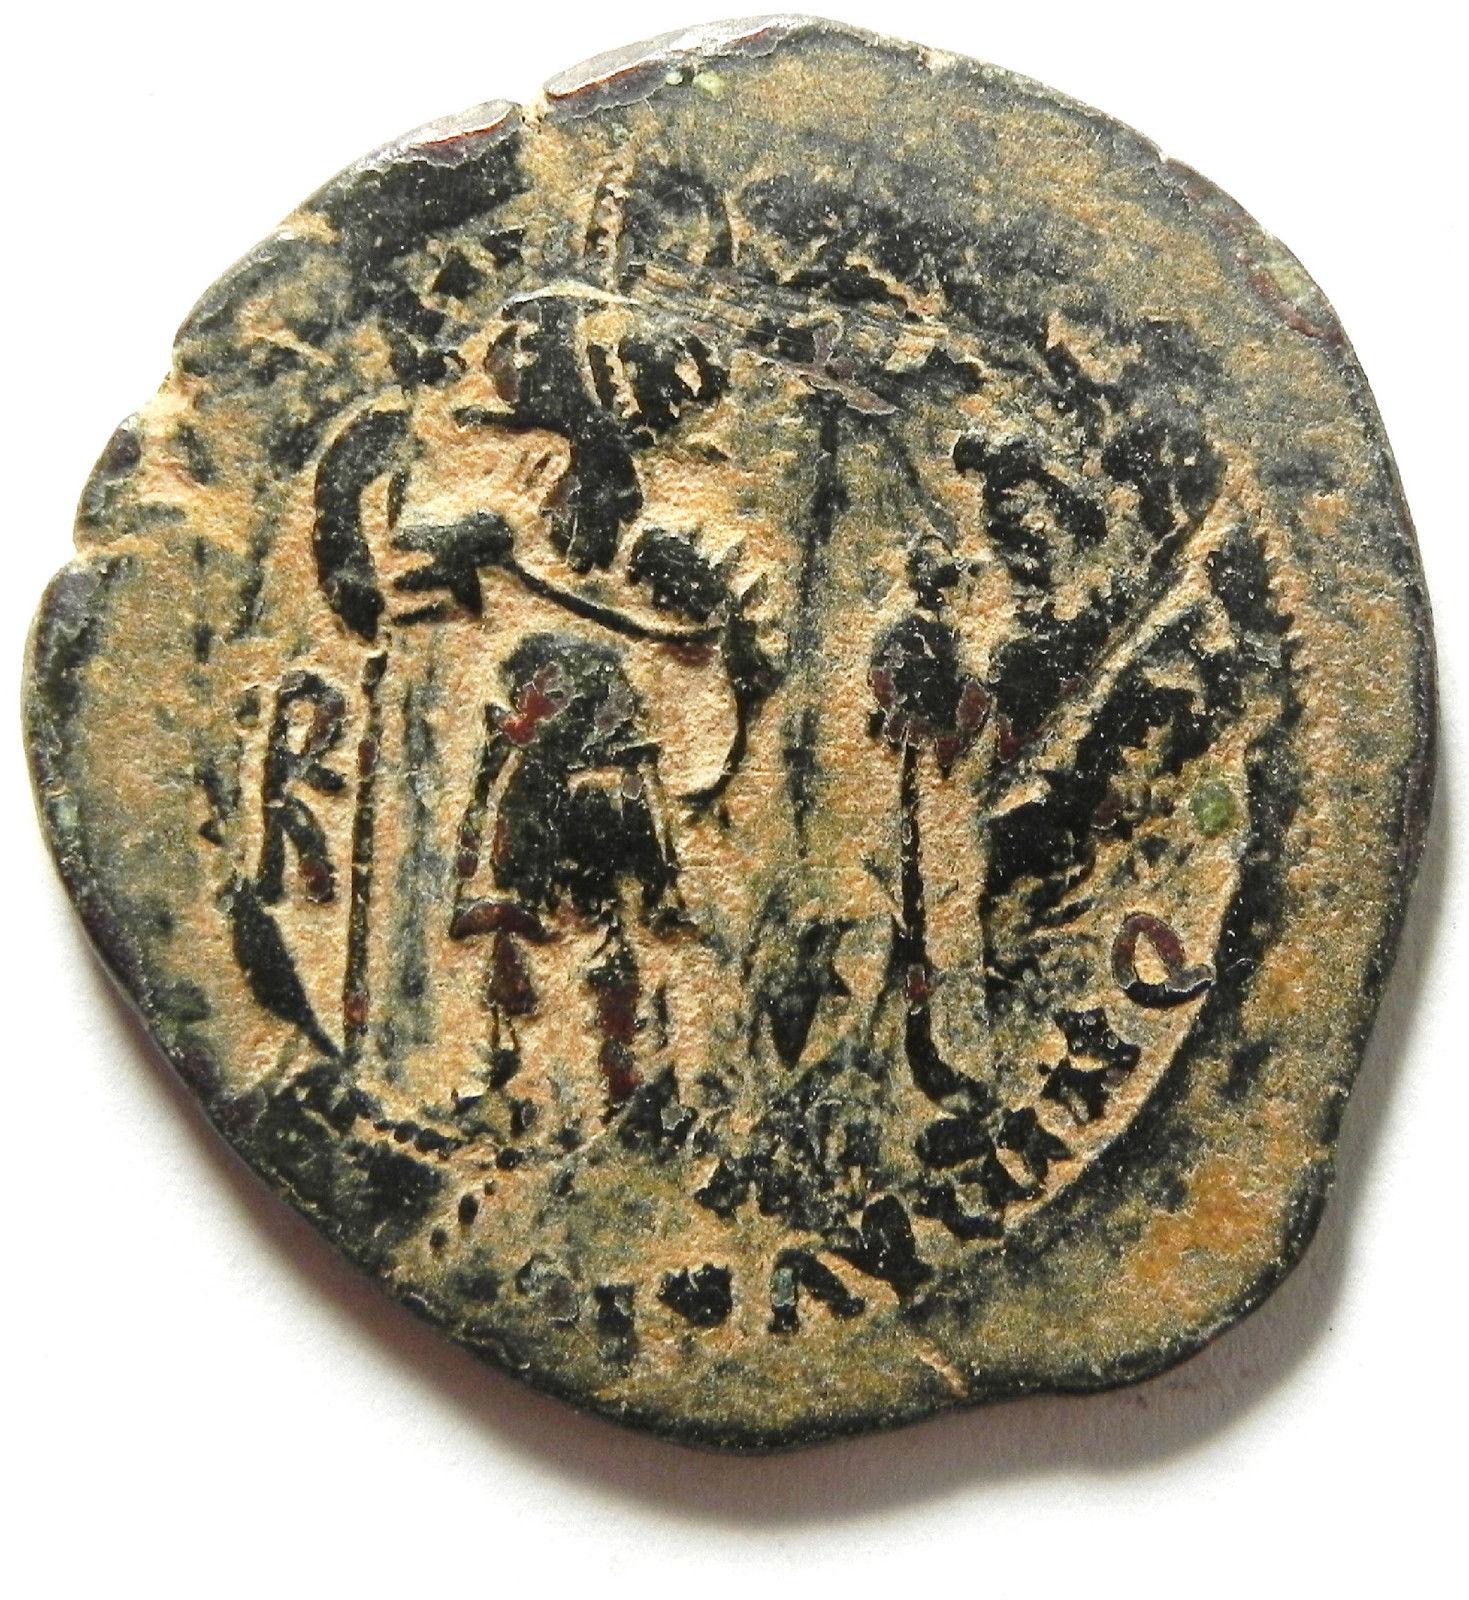 40 Nummi de Heraclio y Heraclio Constantino. Constantinopla 2rgno7o